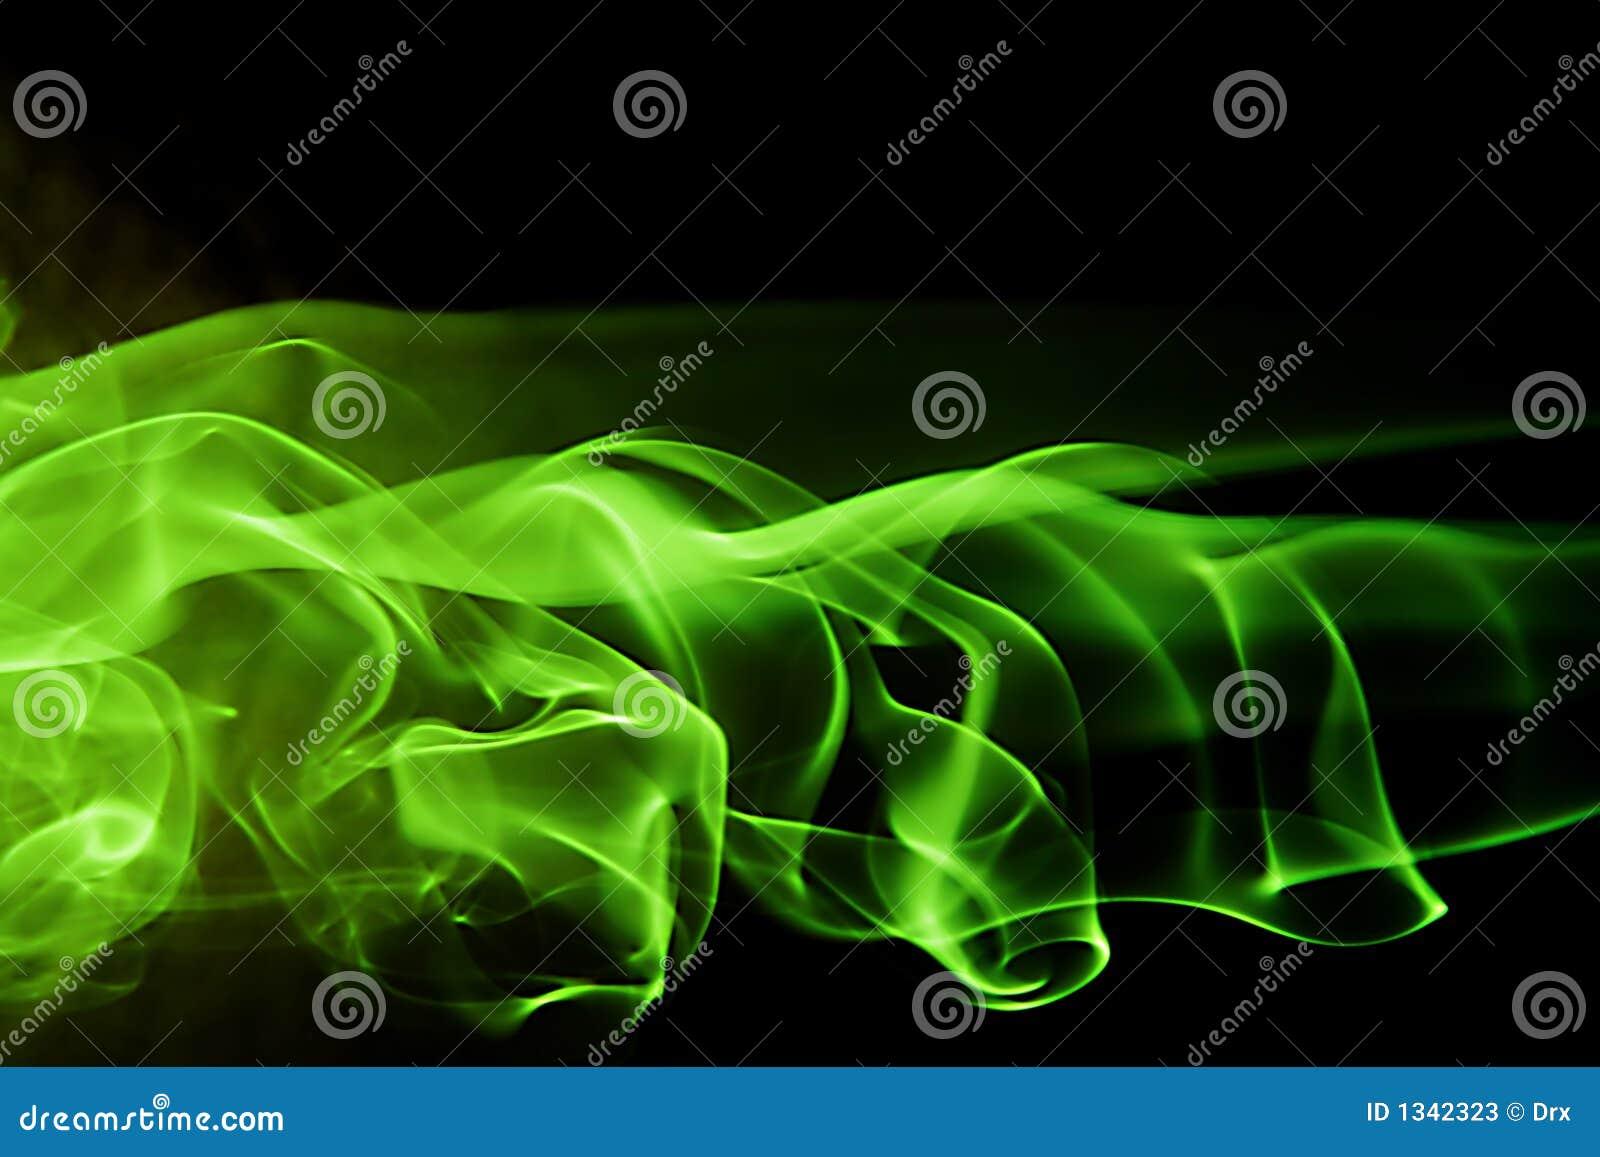 Forme abstraite de fond - fumée verte